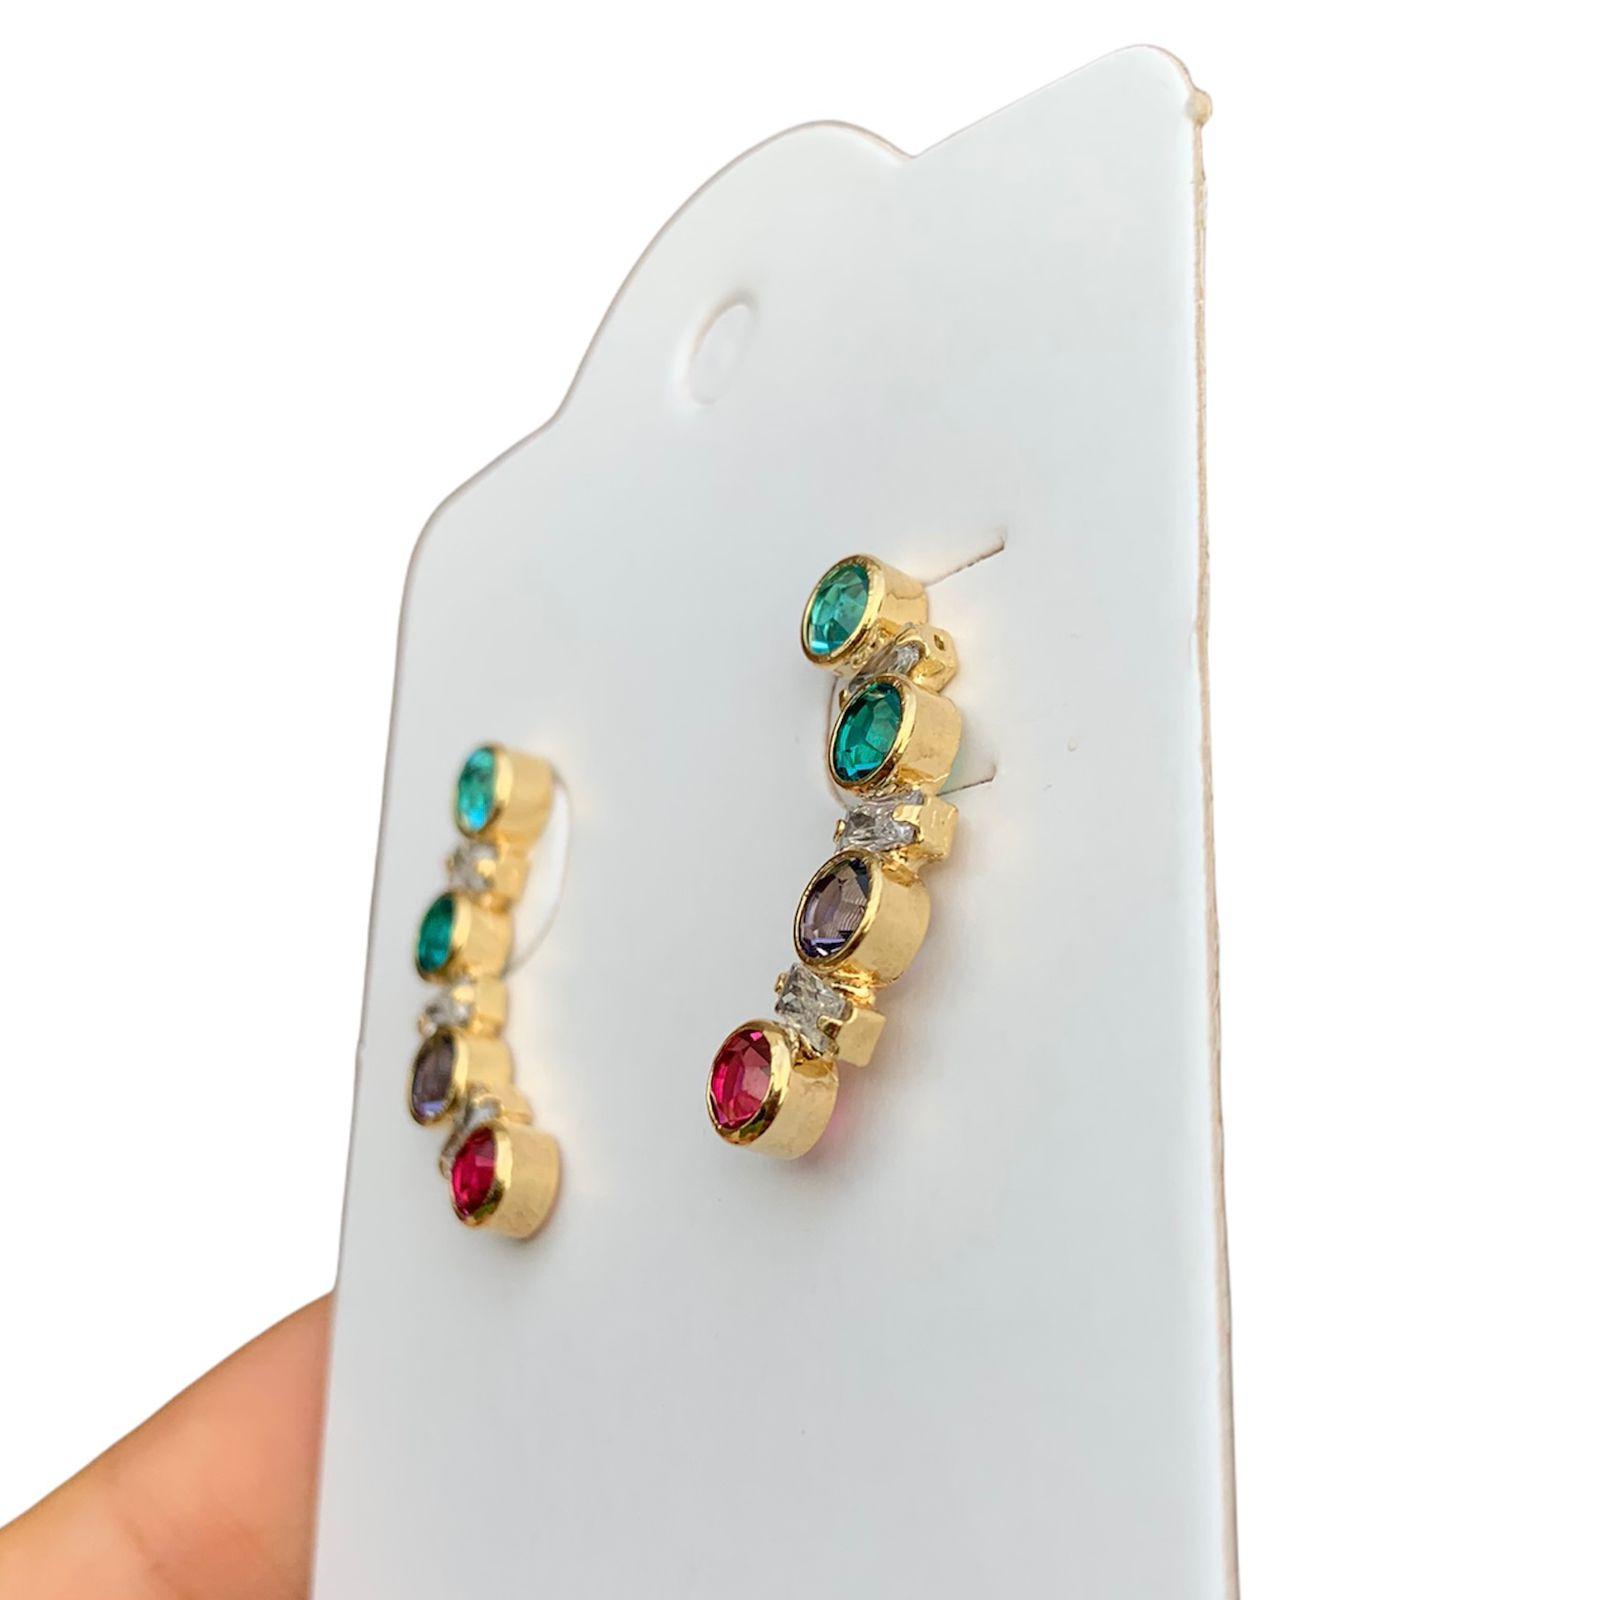 Ear Cuff Semijoia com Zircônias Coloridas Folheado a Ouro 18k